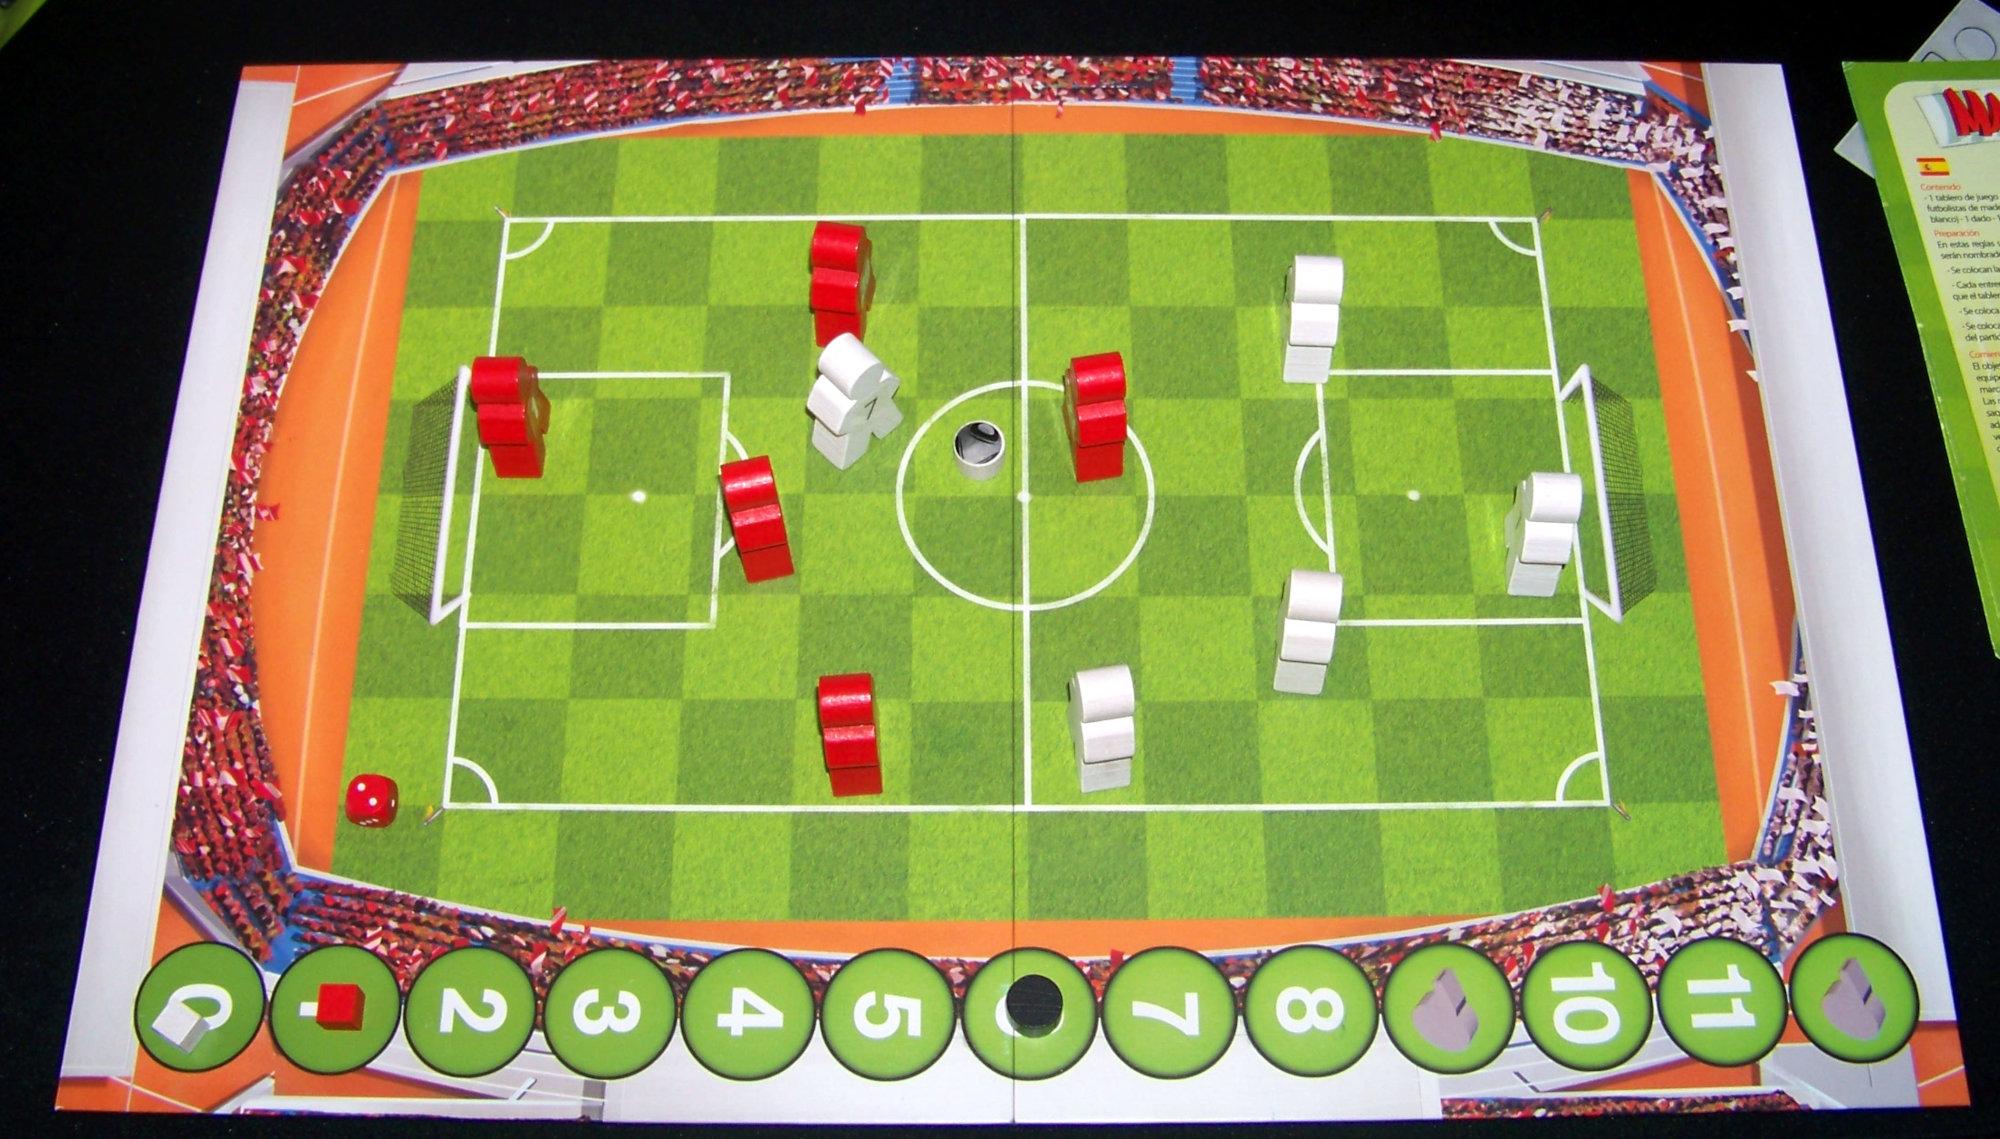 Despliegue del juego (mano a mano).